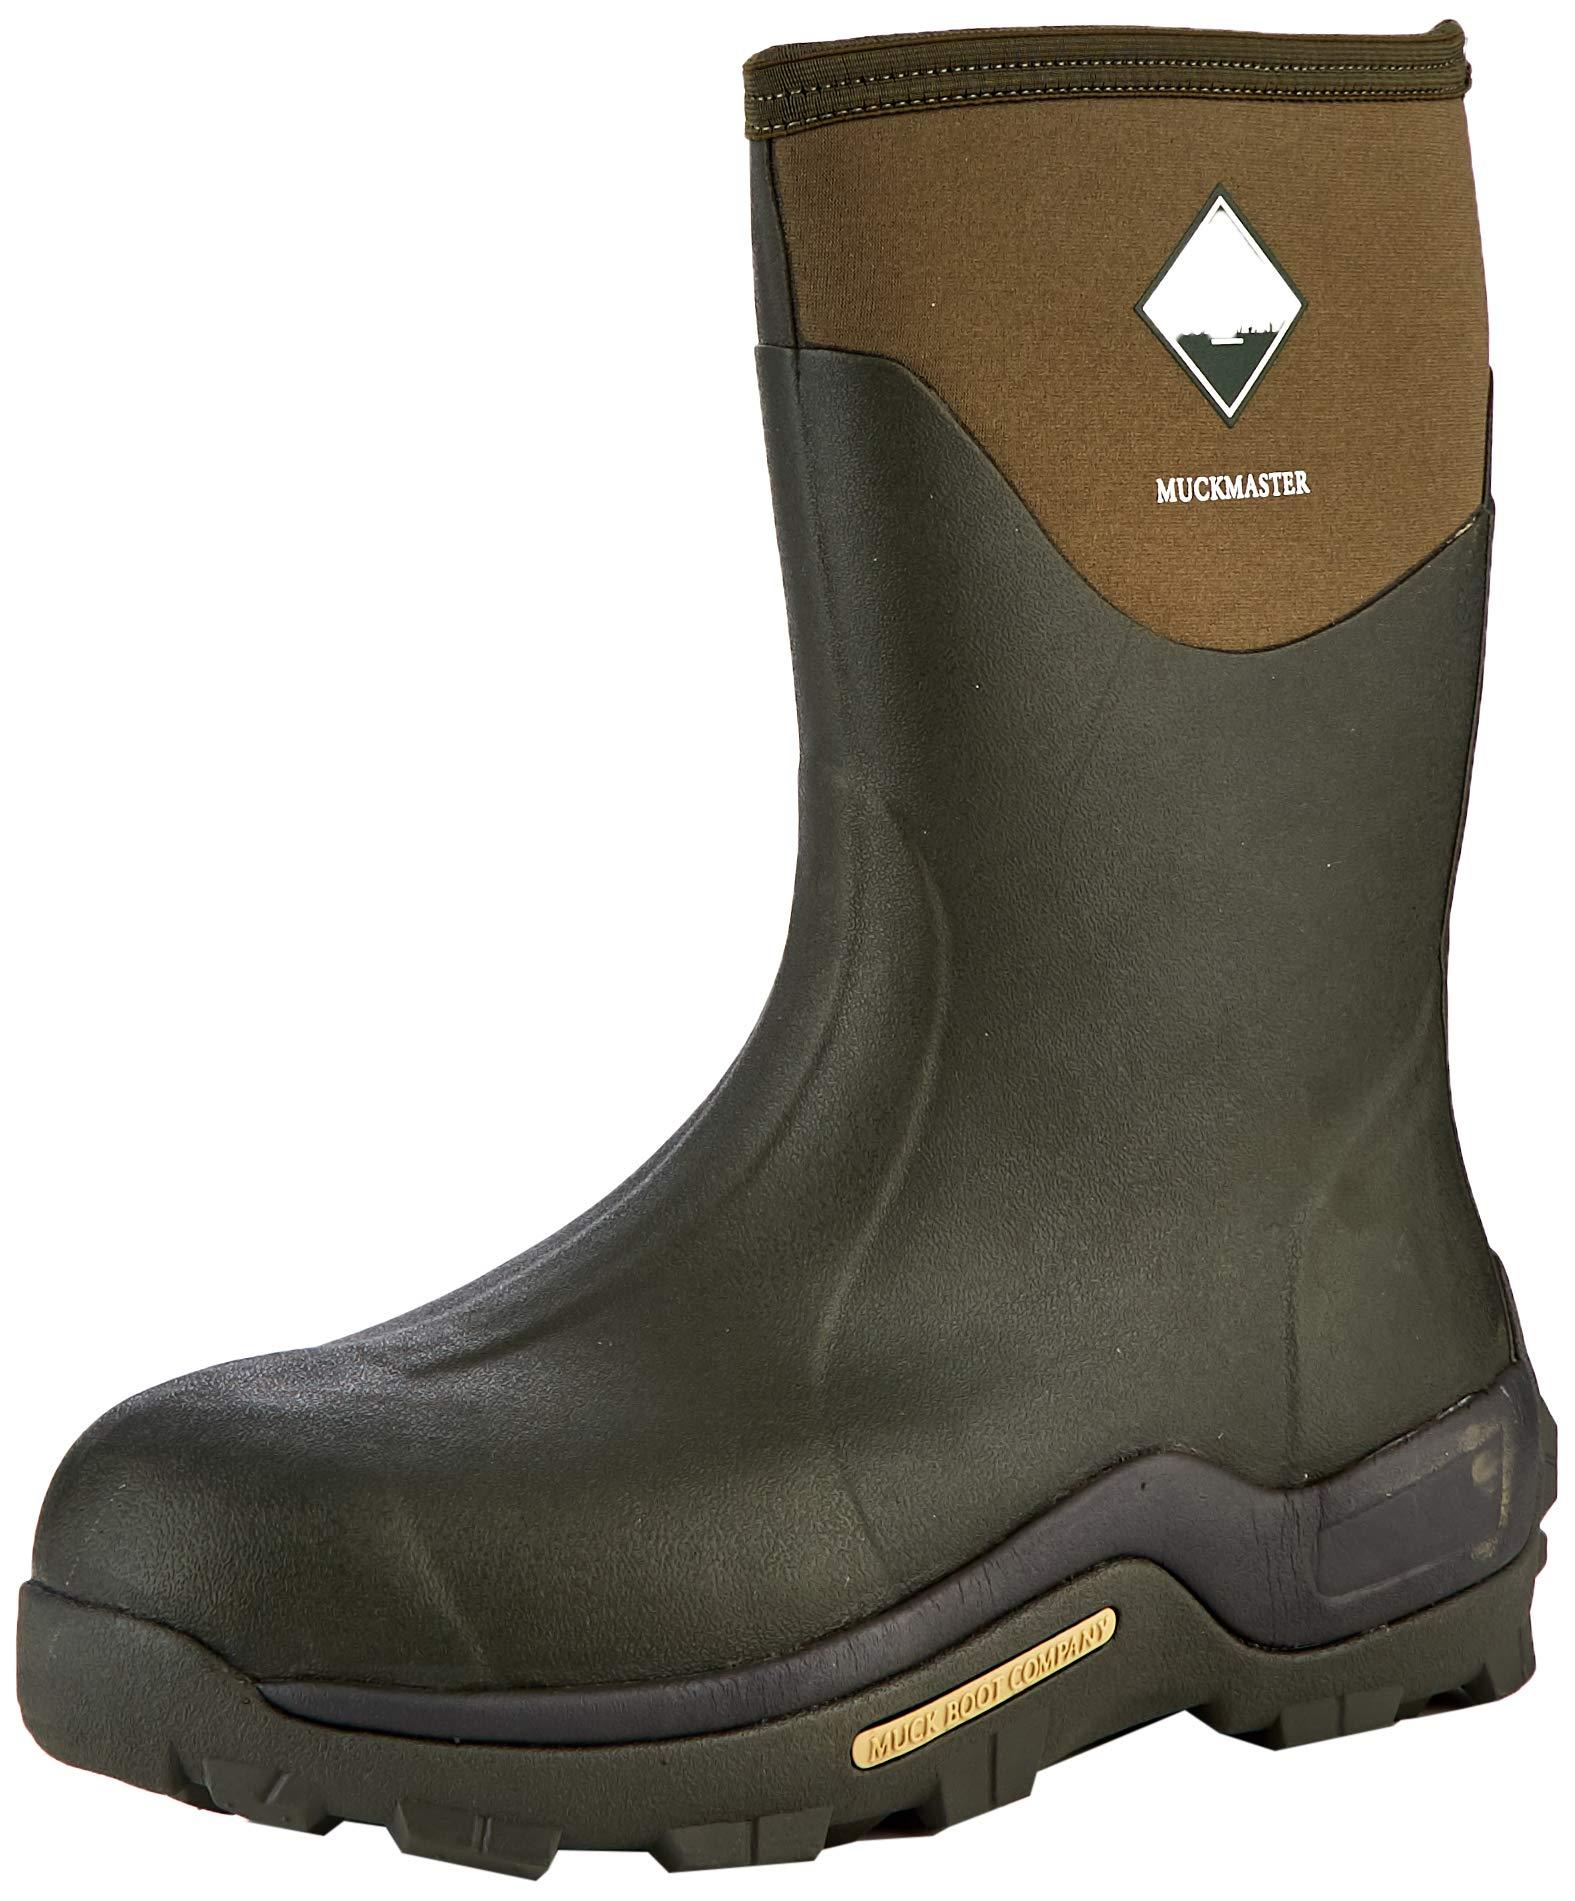 Muck Boots Muckmaster Mid Rain Boot 1